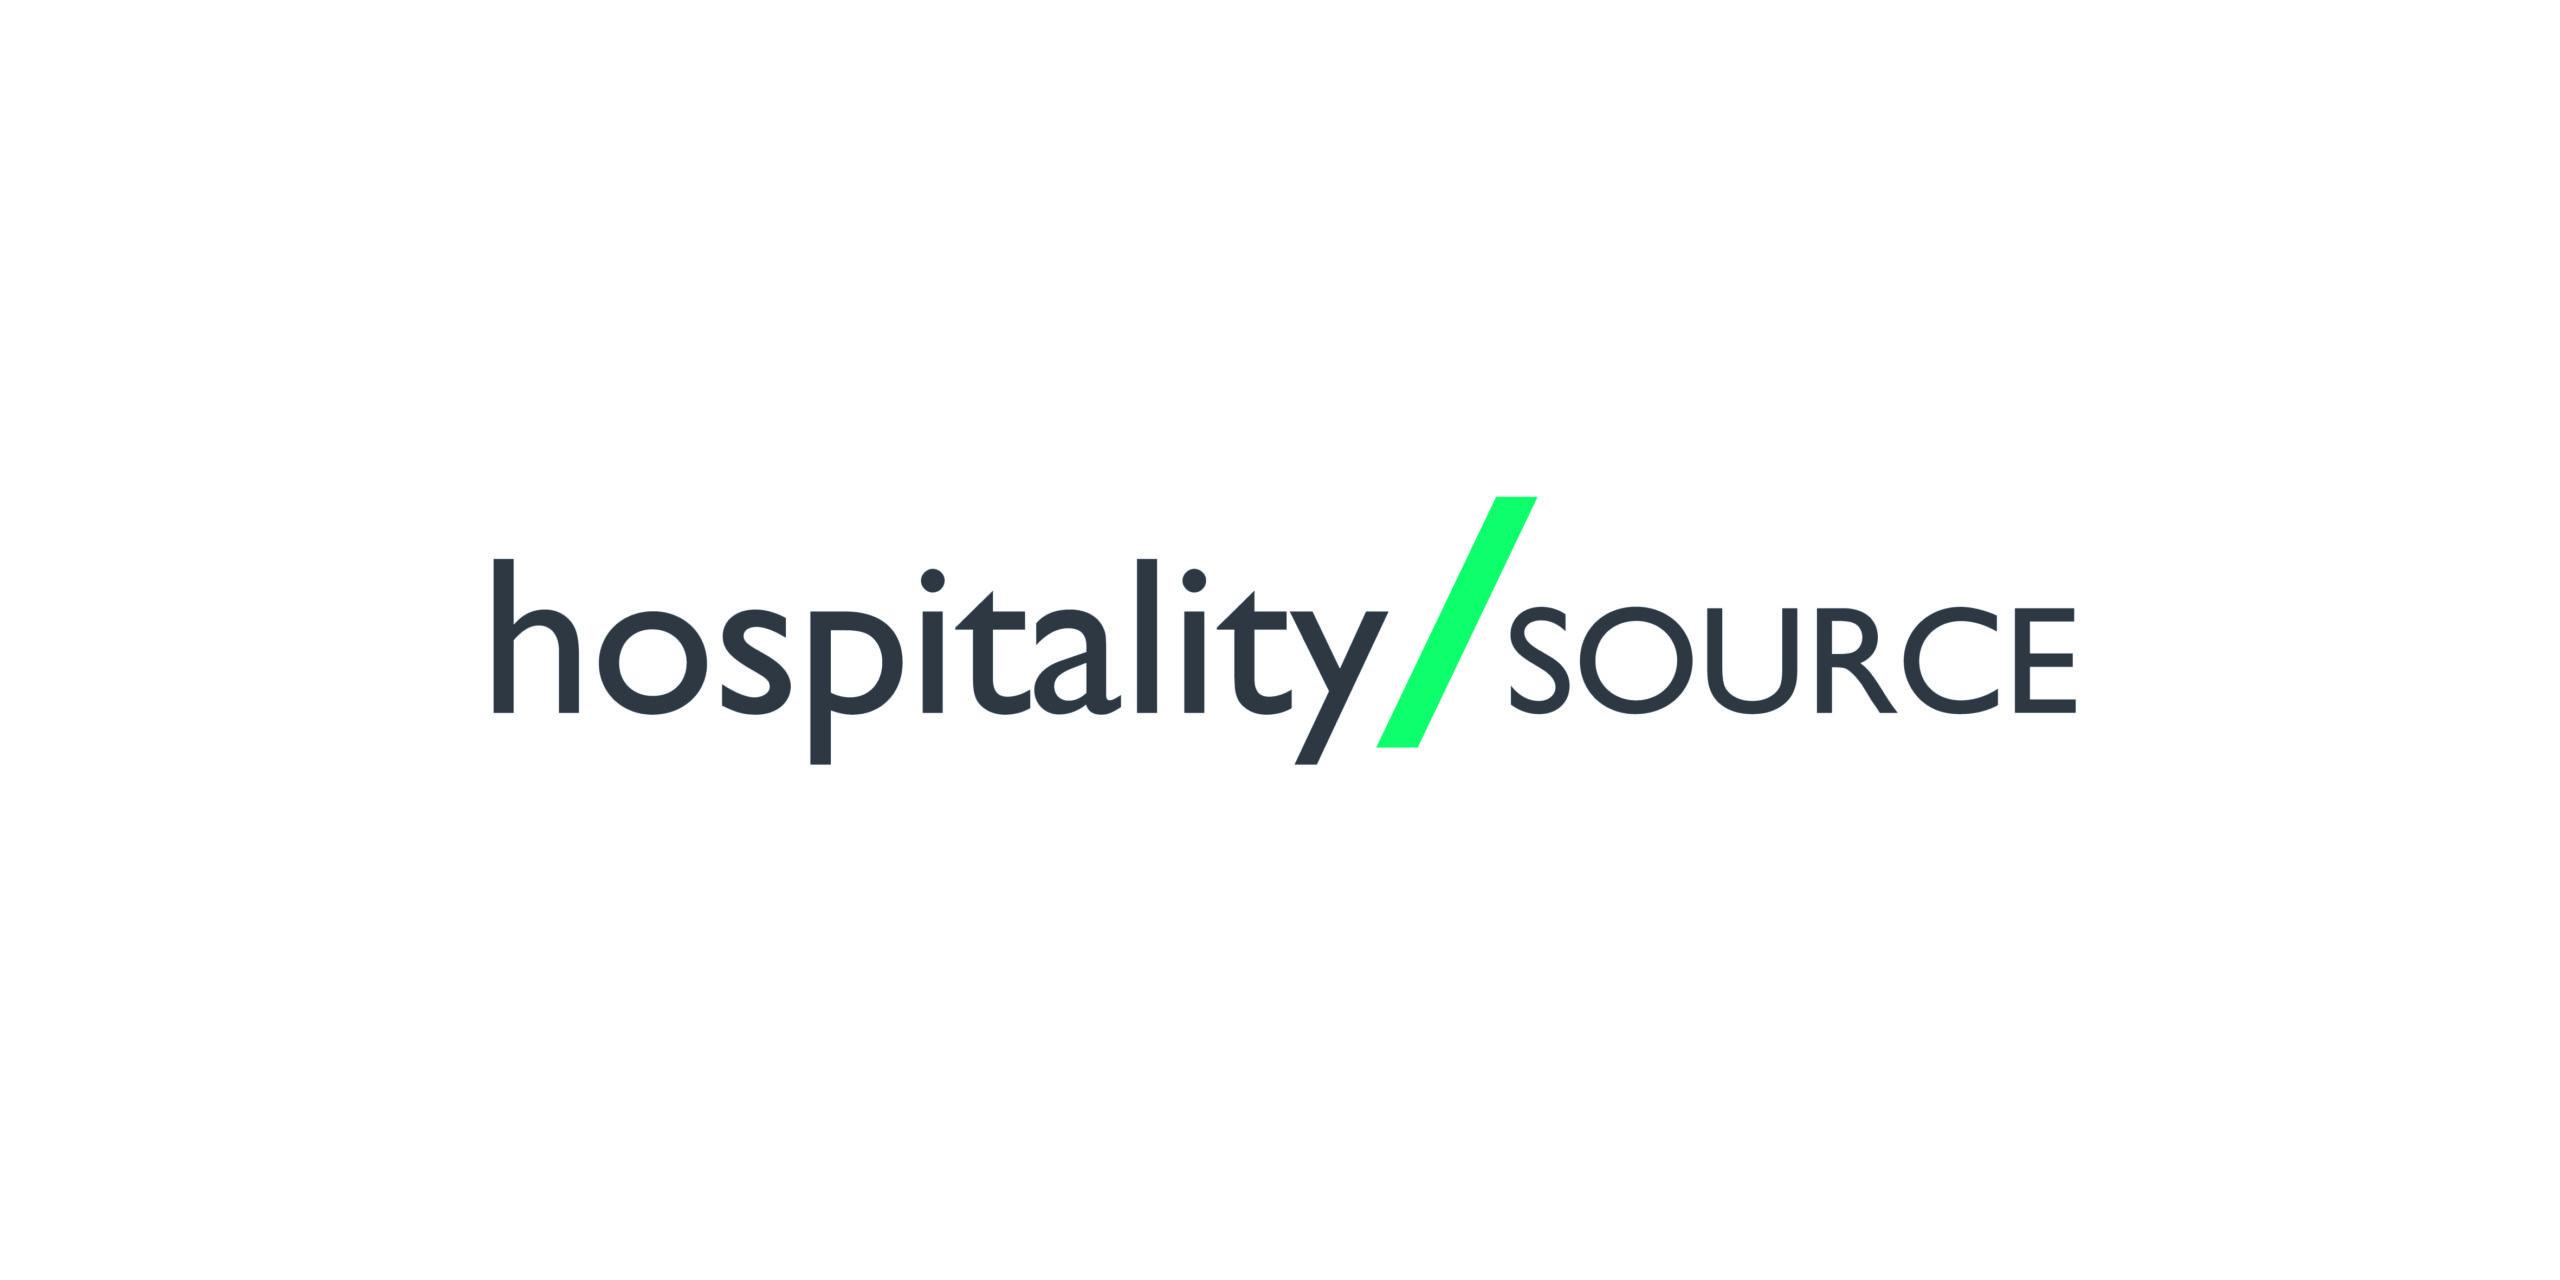 Hospitality Source